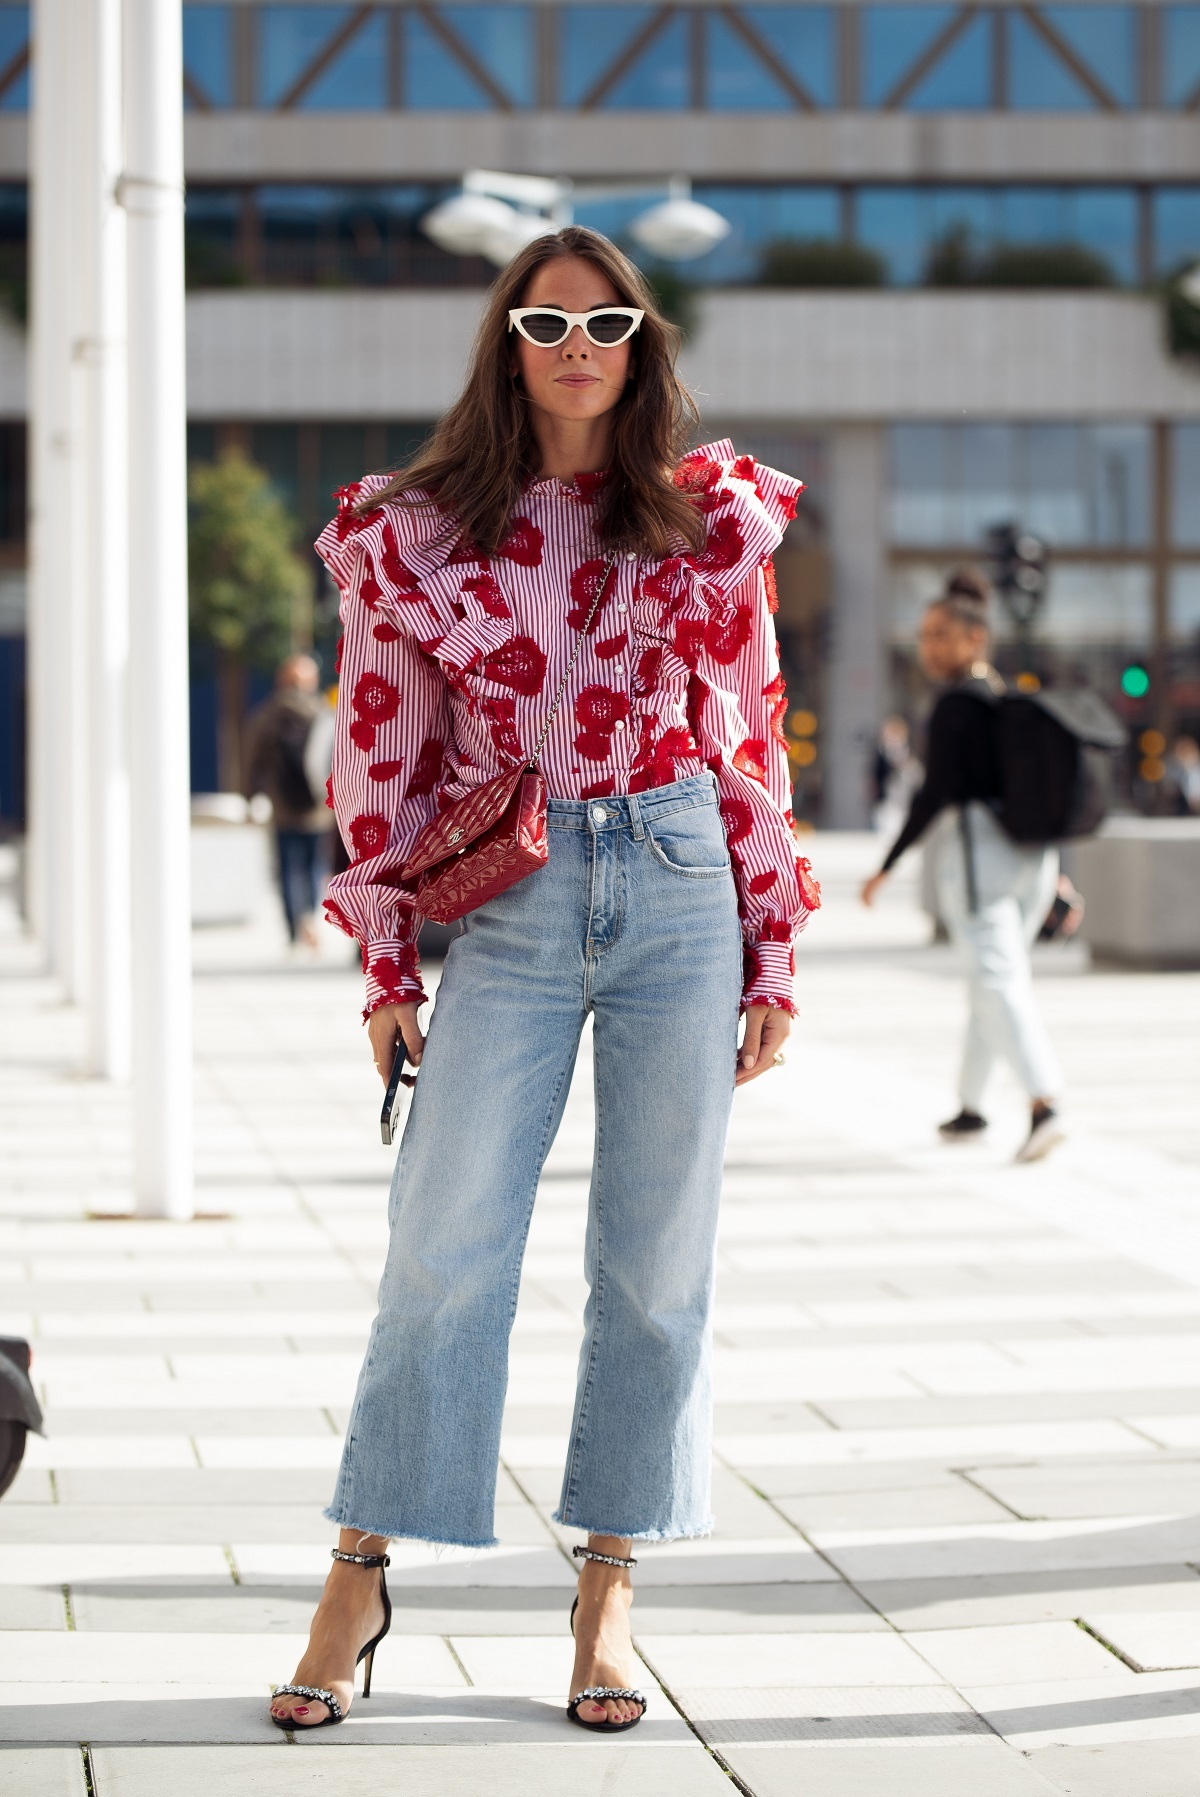 Cómo llevar los jeans en otoño.